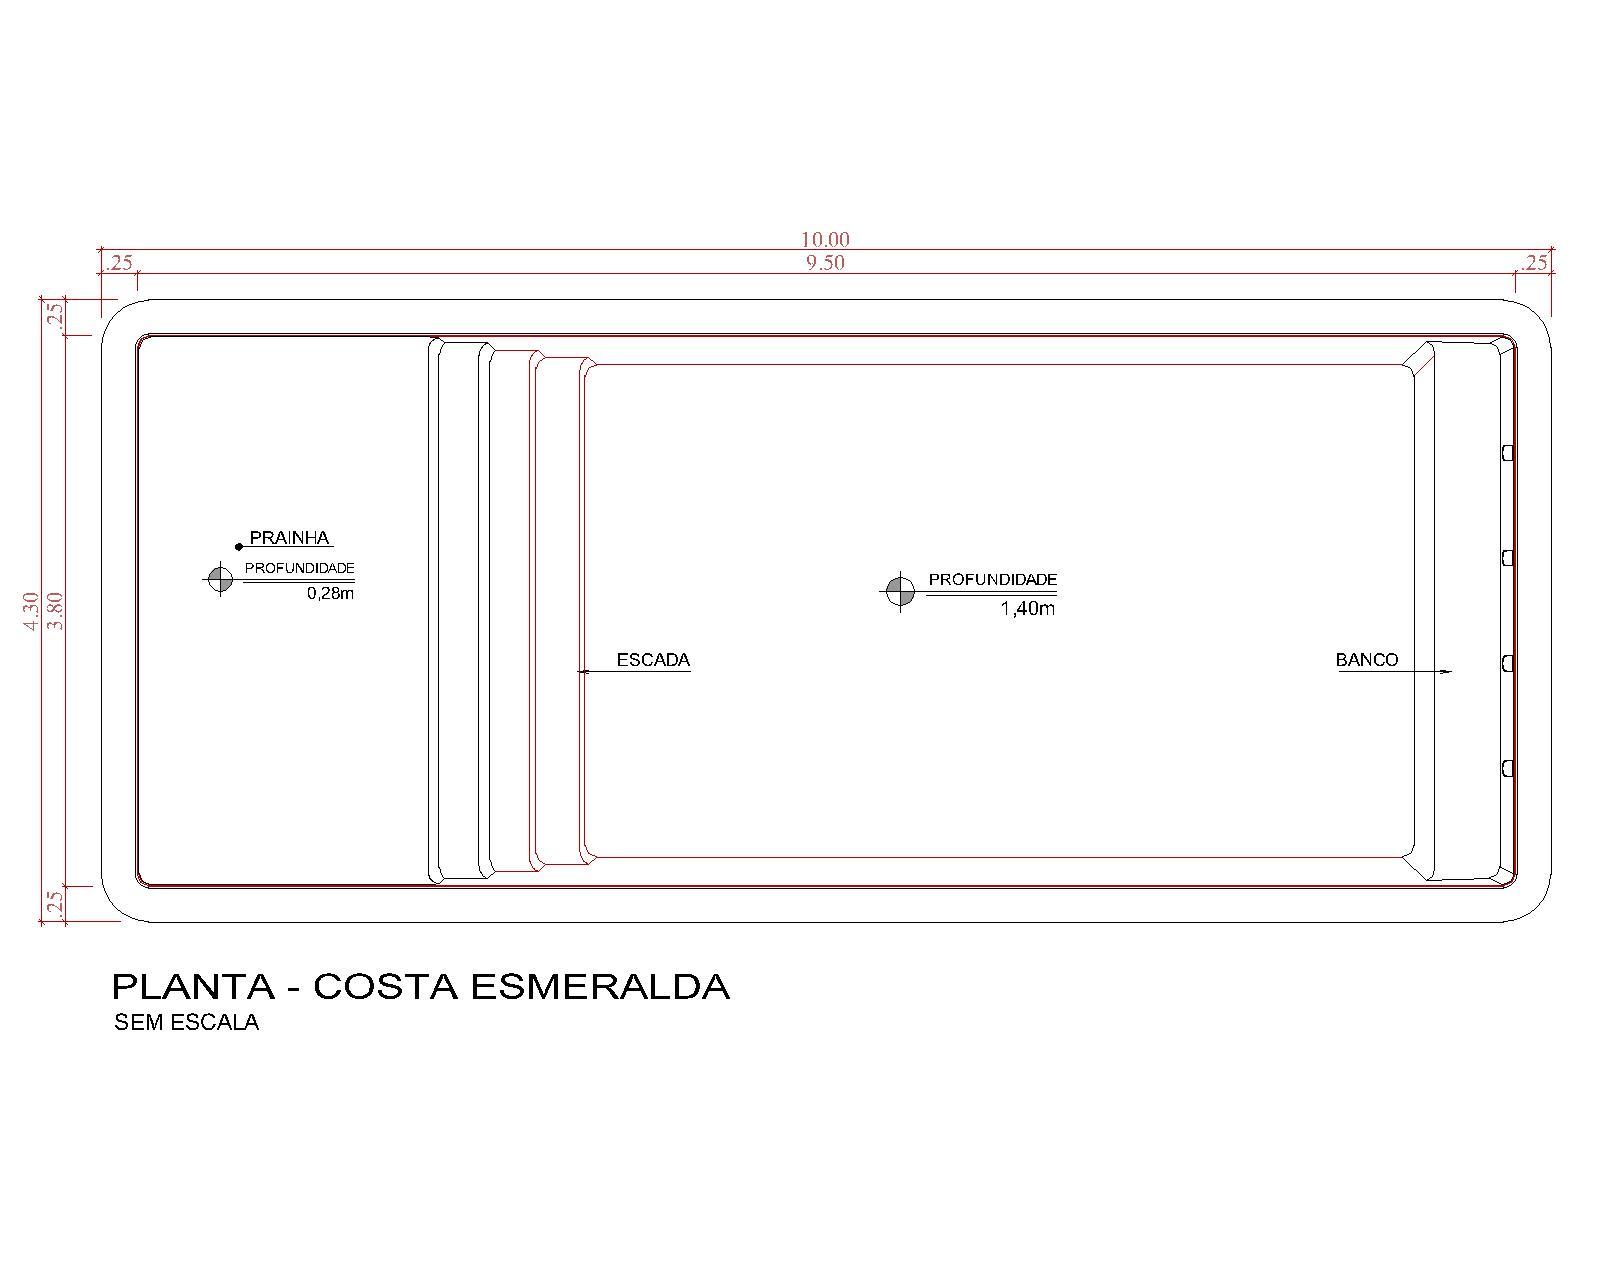 Desenho técnico Costa Esmeralda (sem escala)